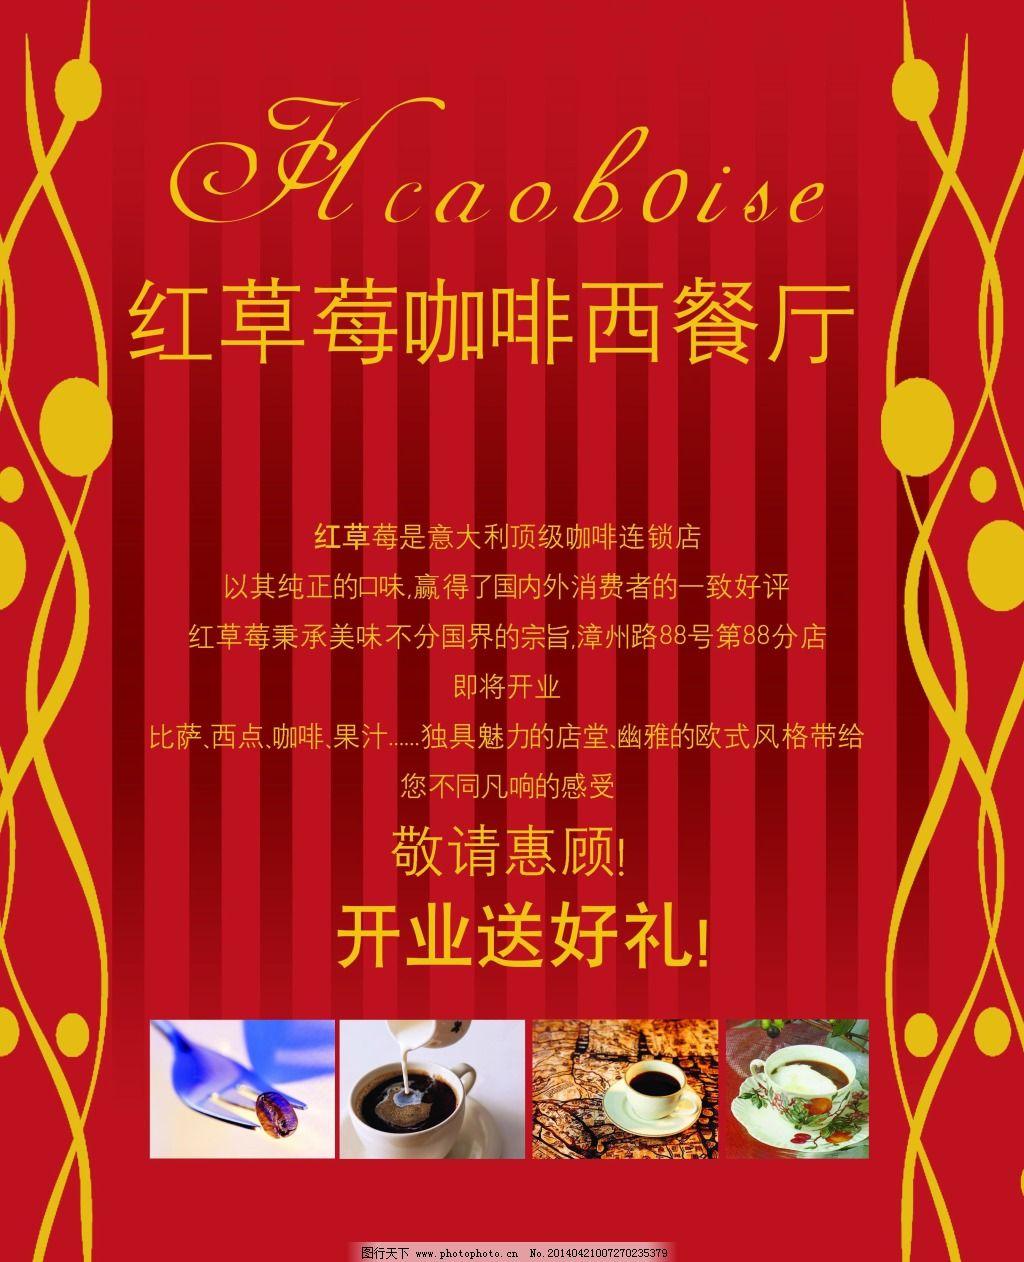 咖啡餐厅开业宣传海报图片